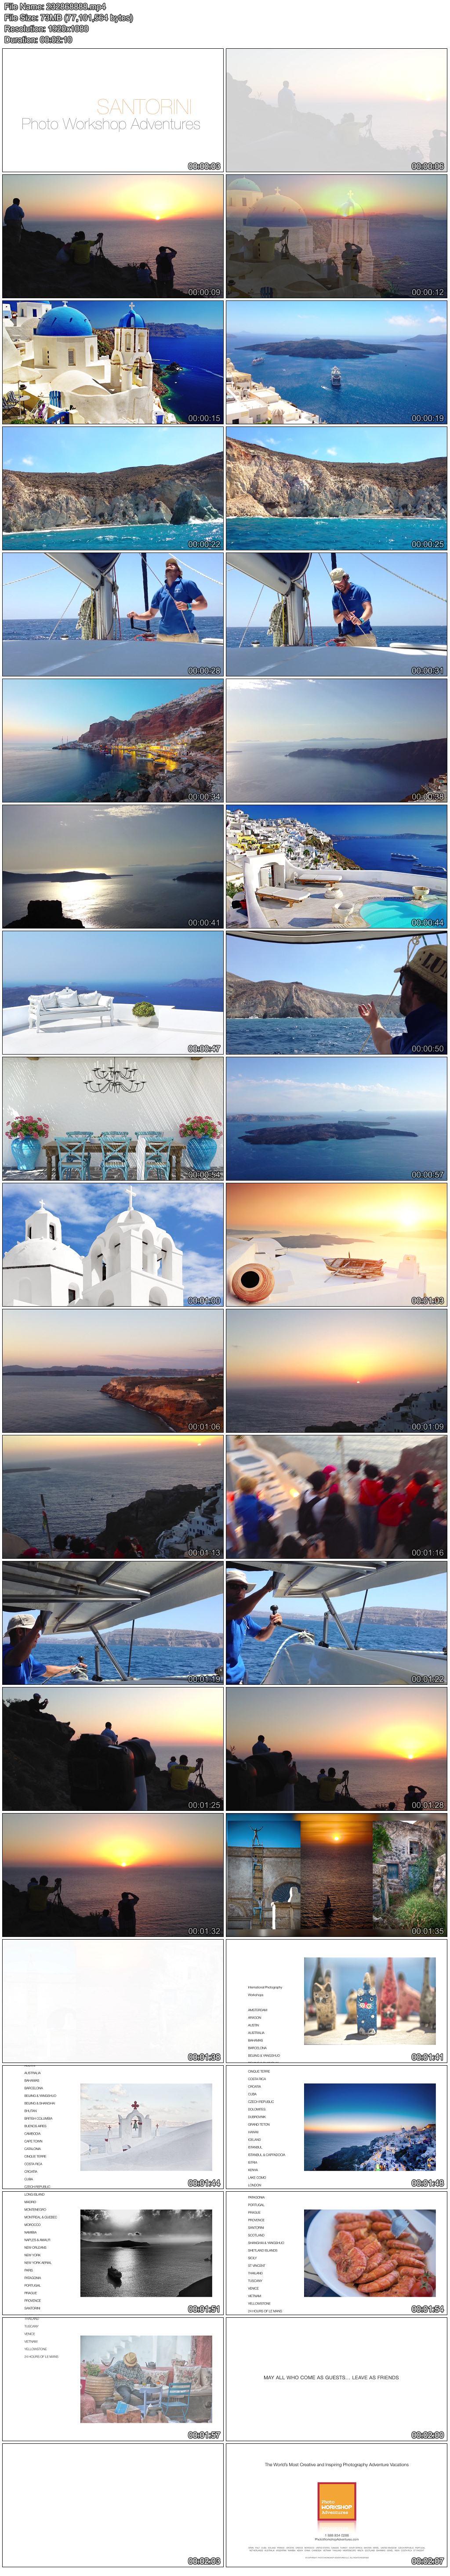 高清实拍视频素材希腊爱琴海最璀璨的一颗明珠圣托里尼岛教堂休闲